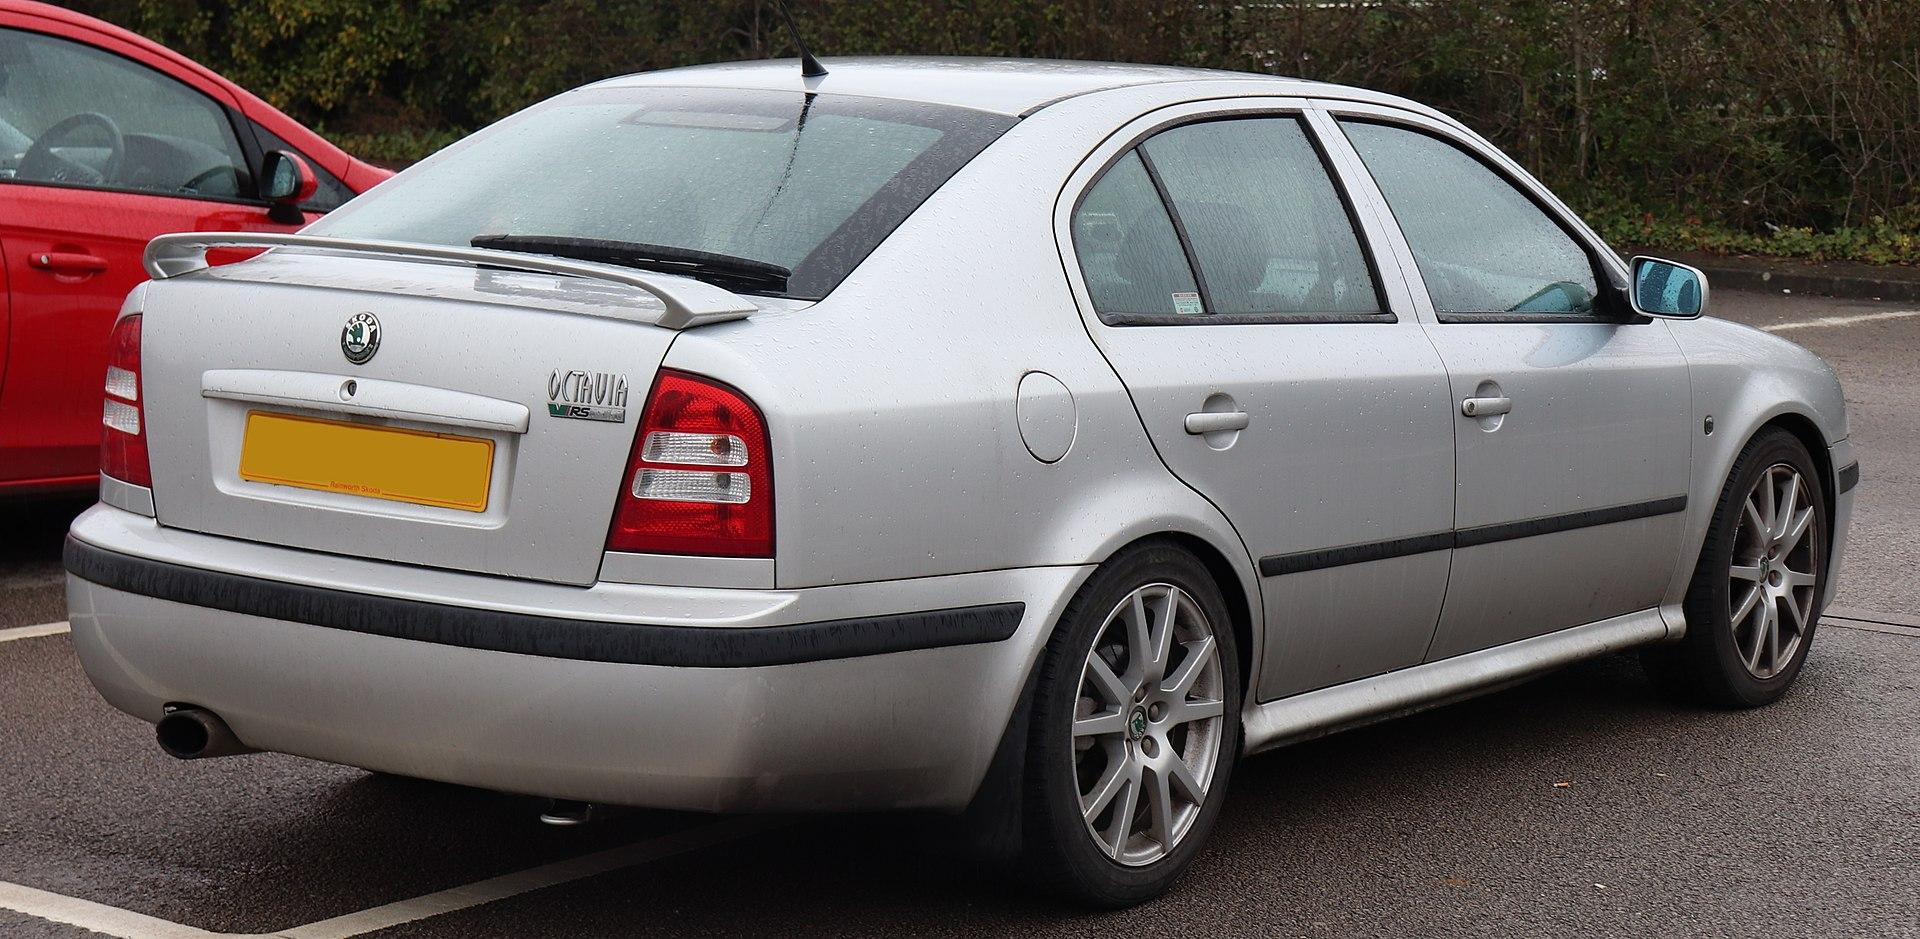 Škoda Octavia RS 1.8T первого поколения после рестайлинга